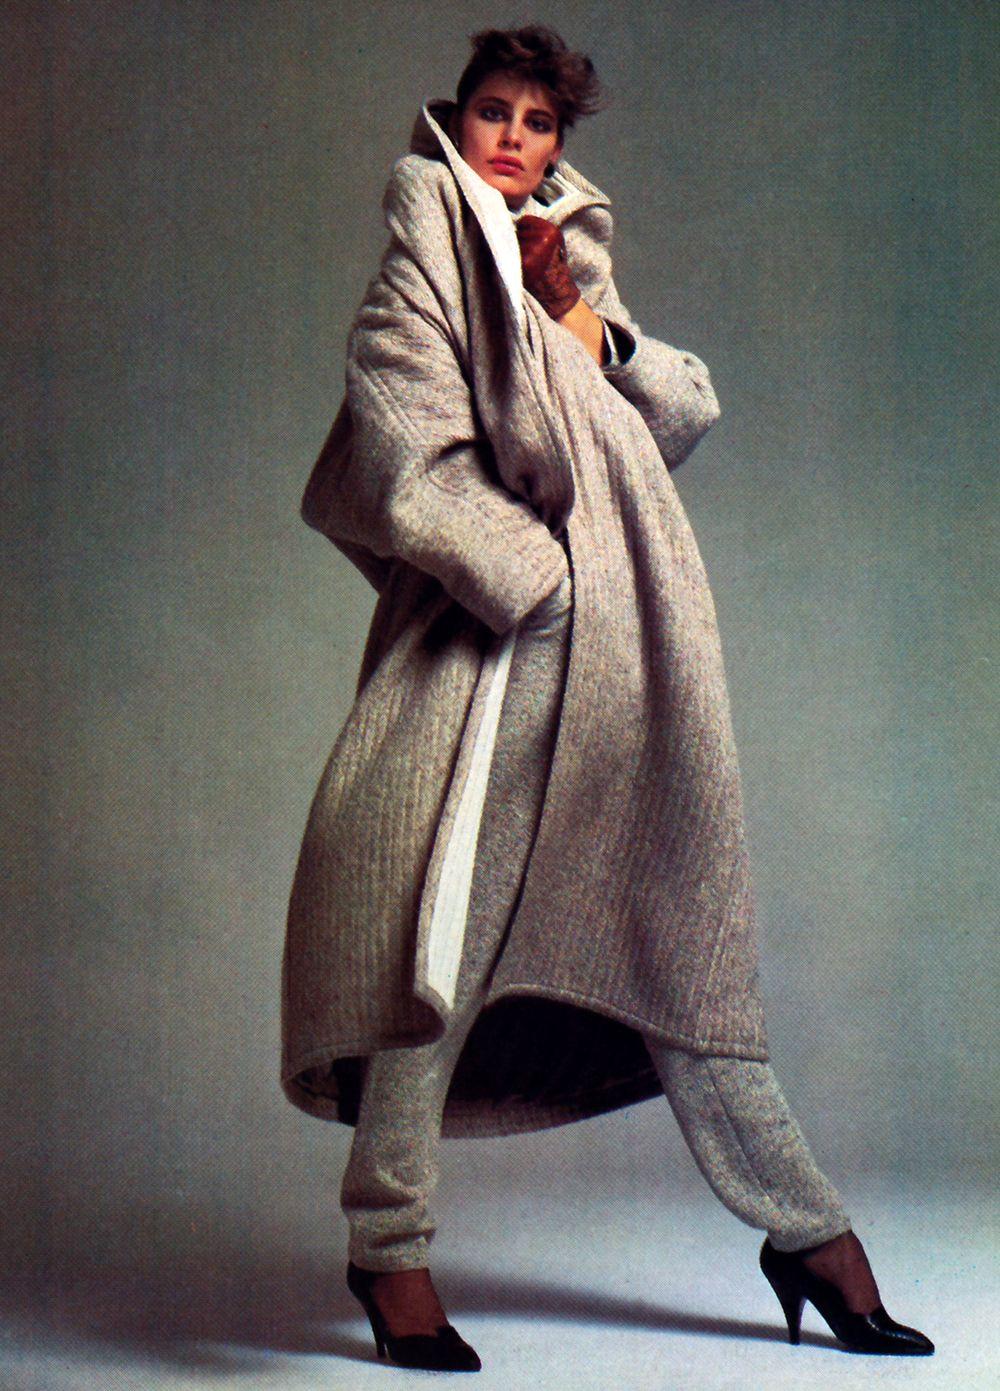 Gianni Versace, Harper's Bazaar, September 1984.